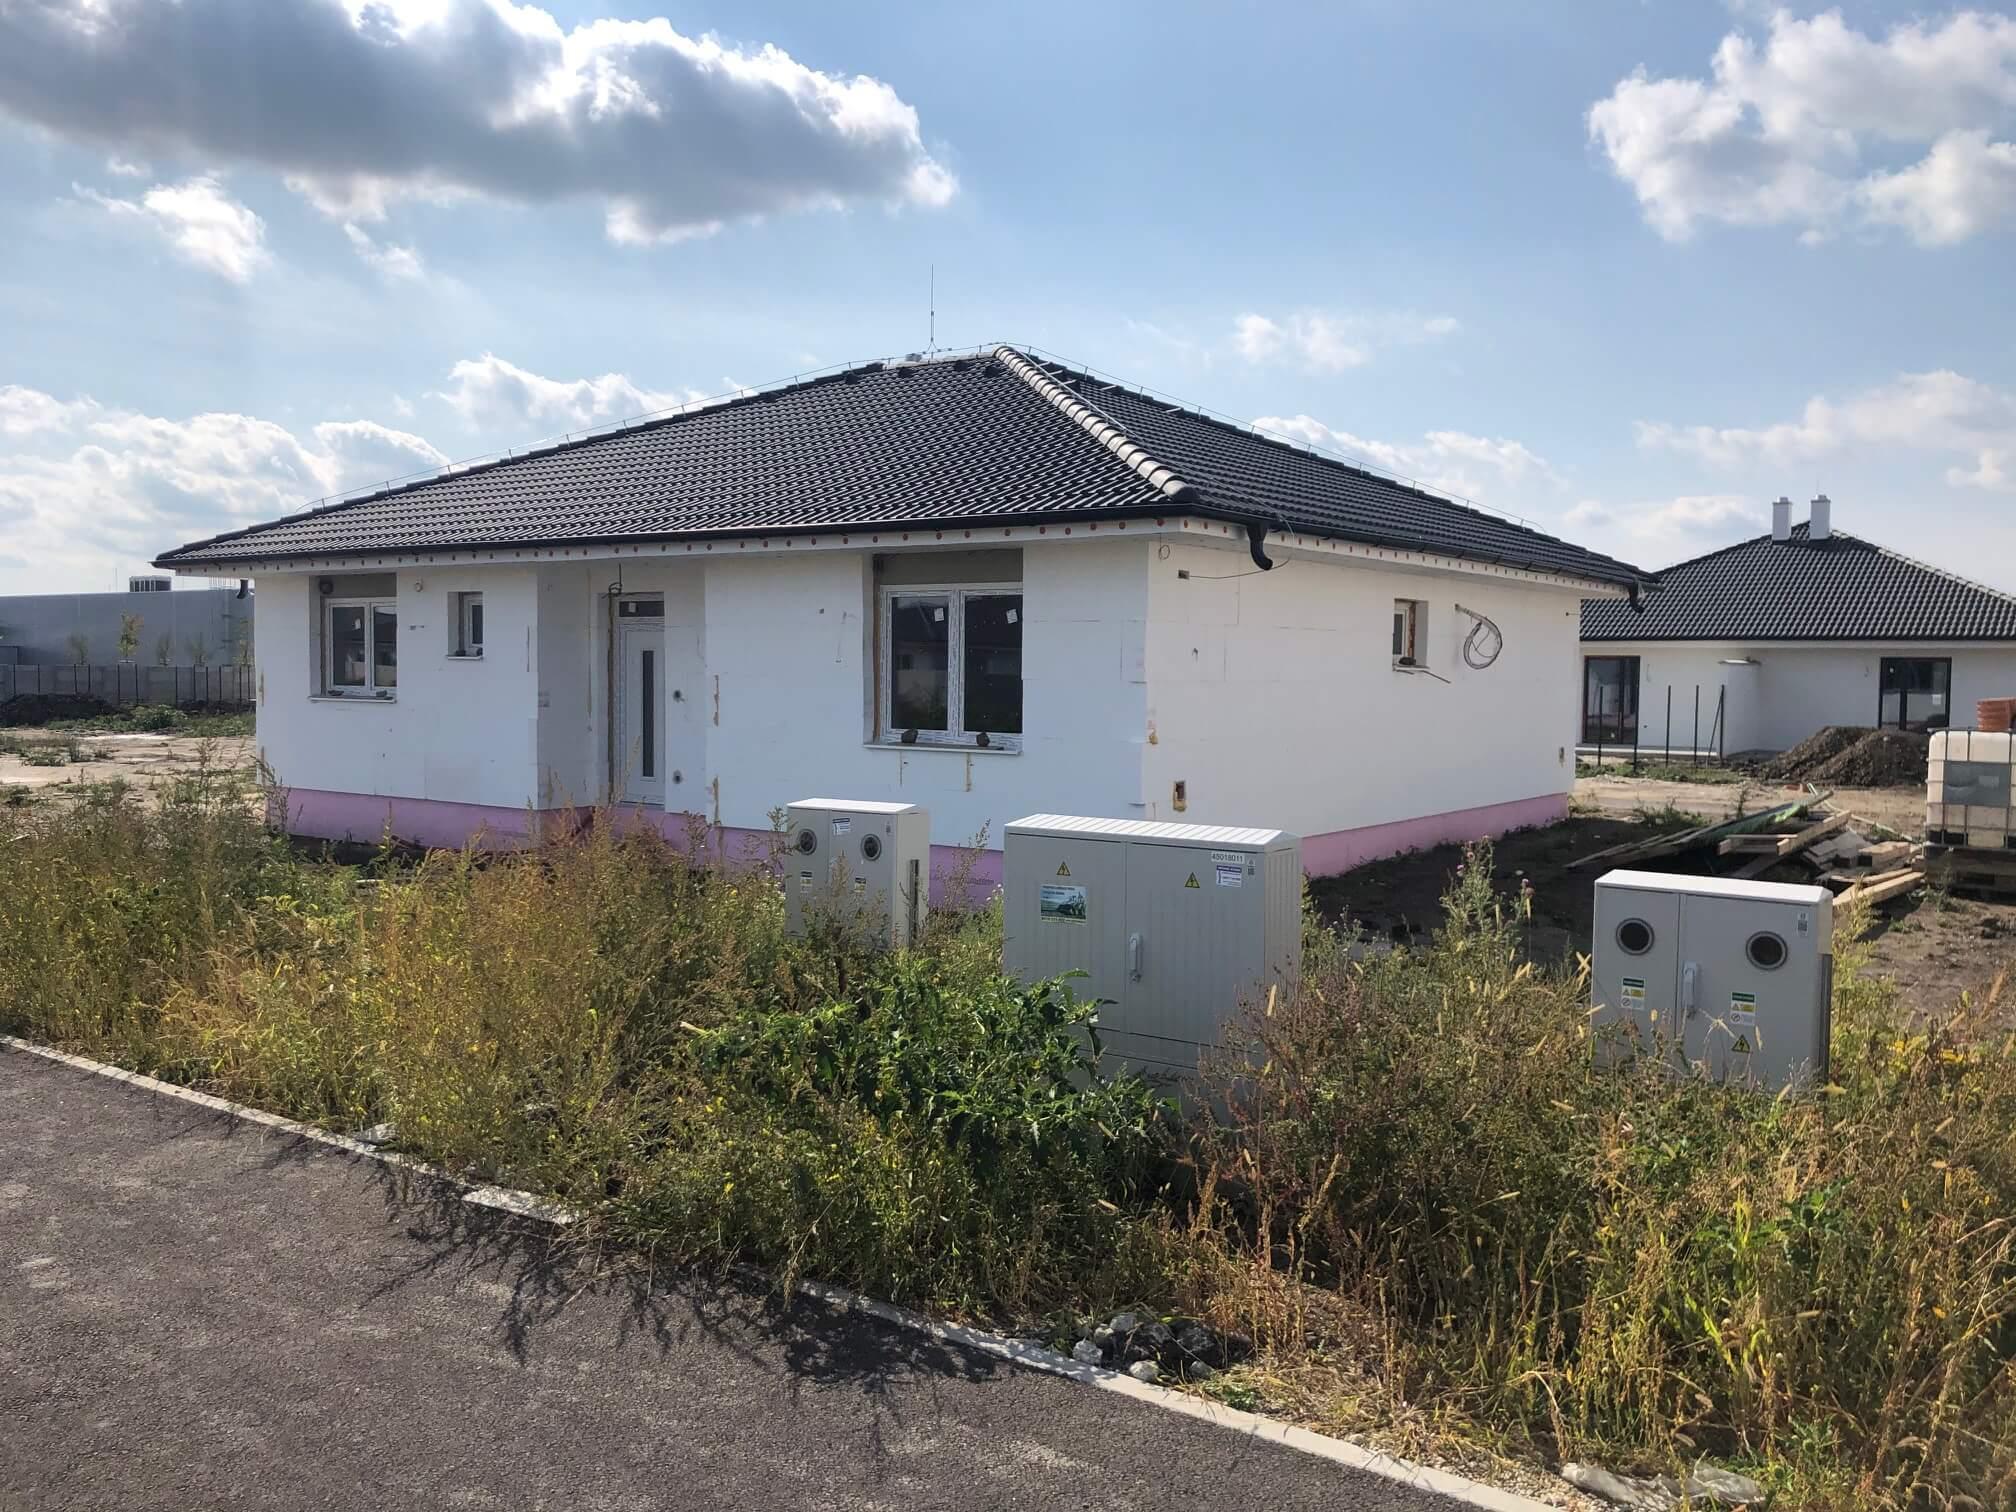 Predané: Exkluzívne 4 izbový Rodinný dom BUNGALOV 116m2, Miloslavov, pozemok 600m2-2